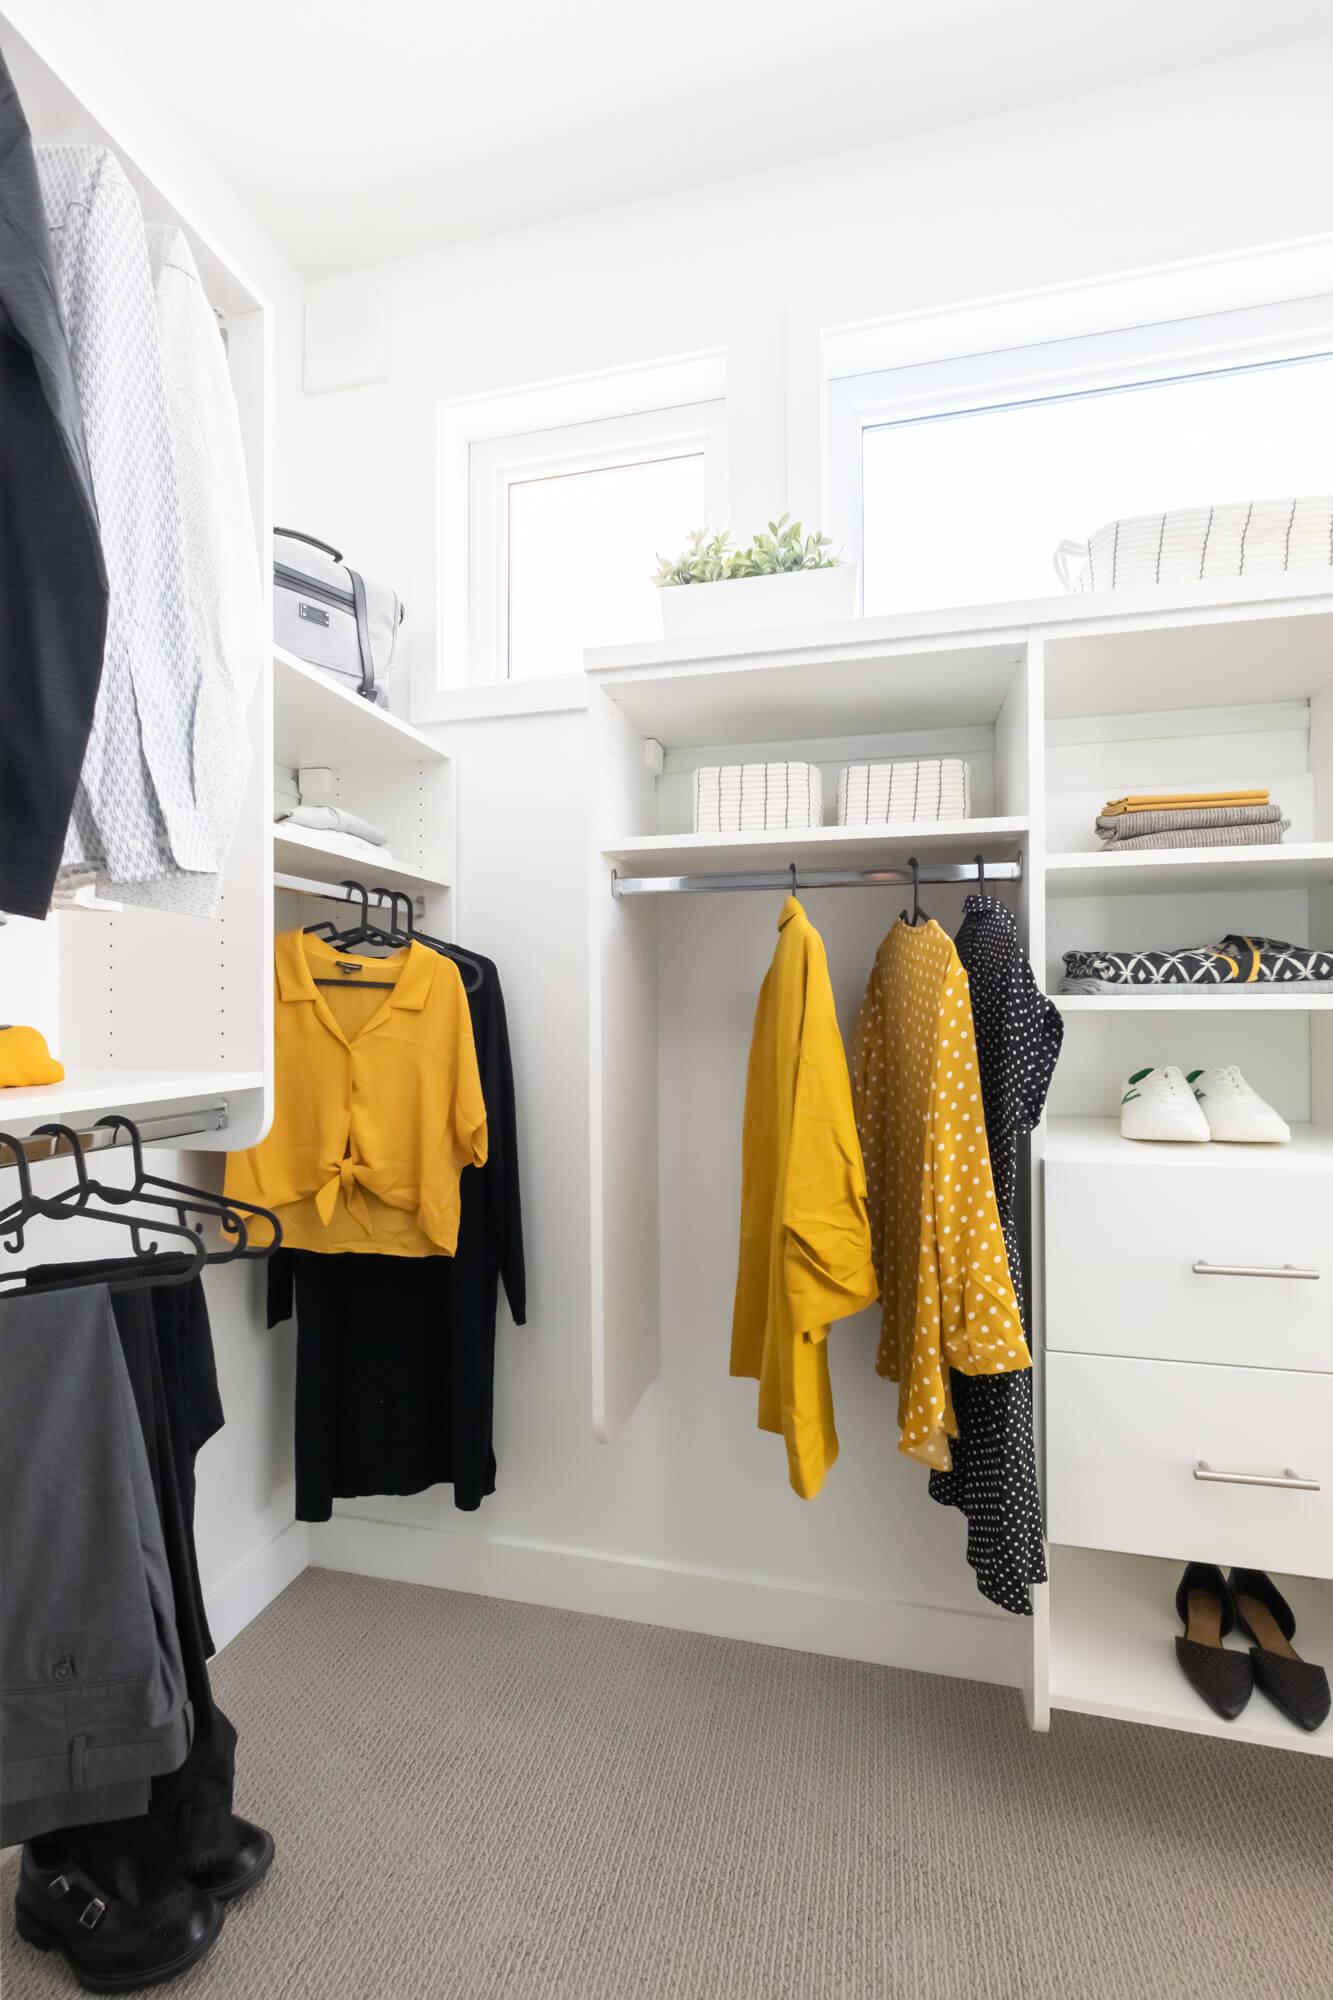 Walk-in Closet - 2814 Gladwin Rd, Abbotsford, BC V2T 4S8, Canada!